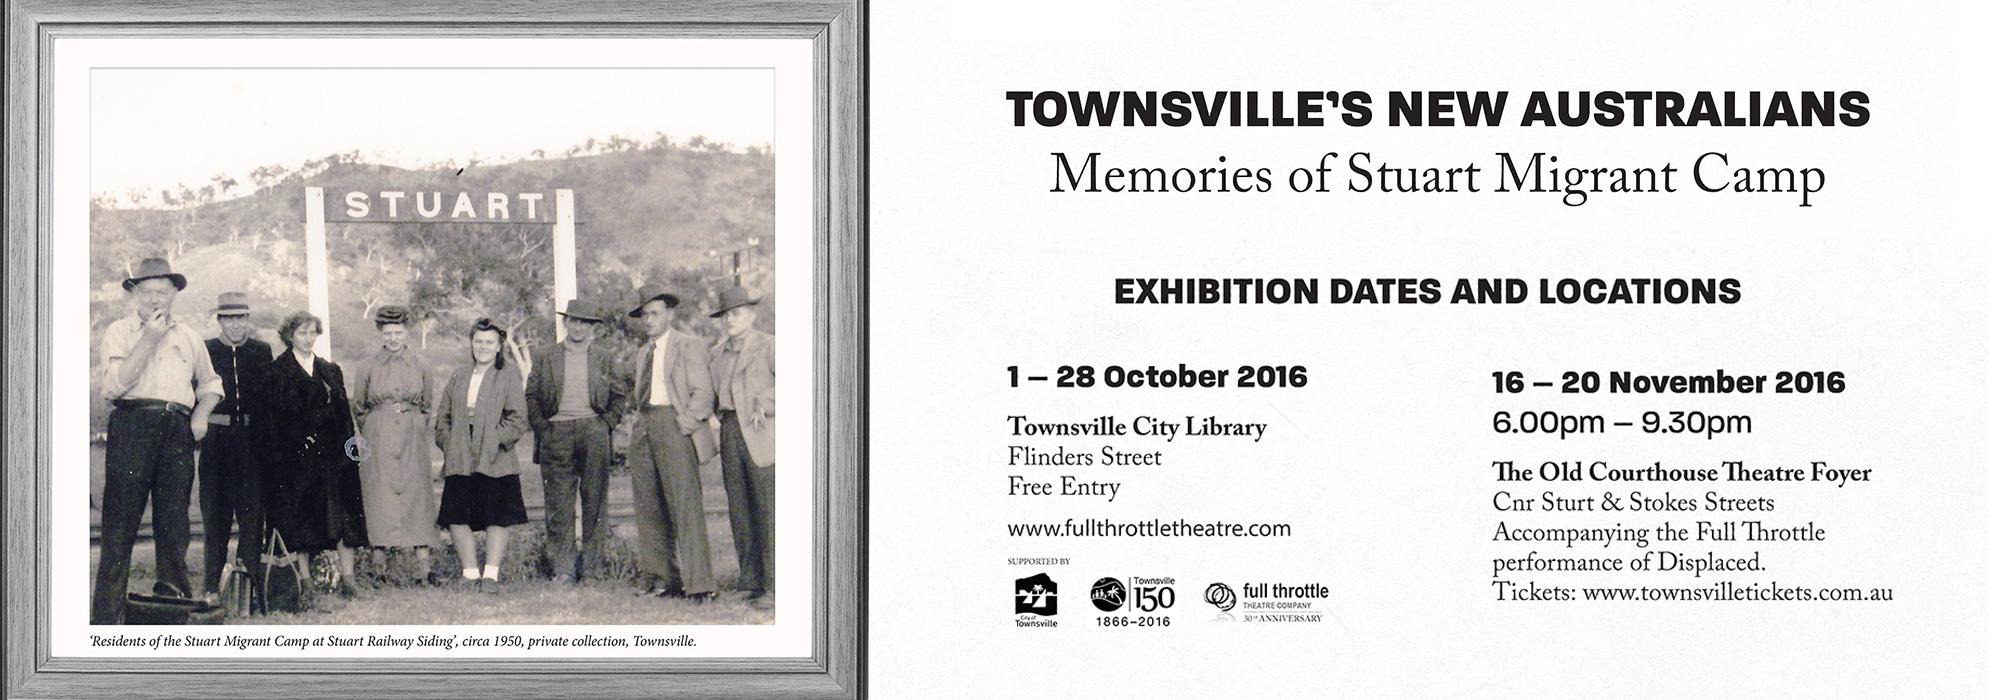 Townsville's New Australians